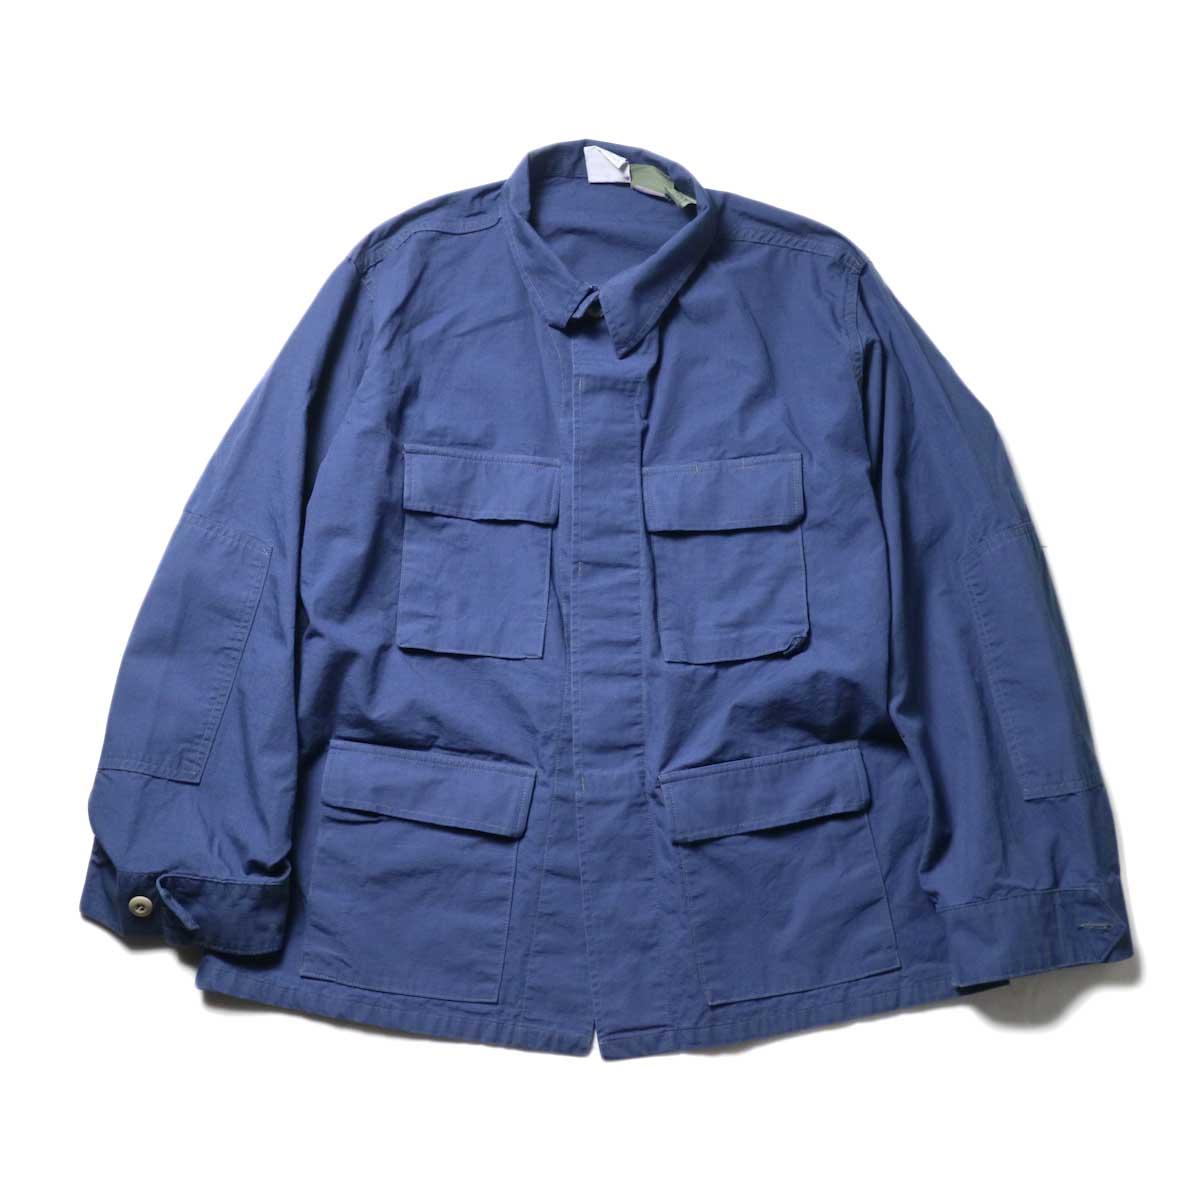 PROPPER OVER DYE BDU COAT (Slate Blue)